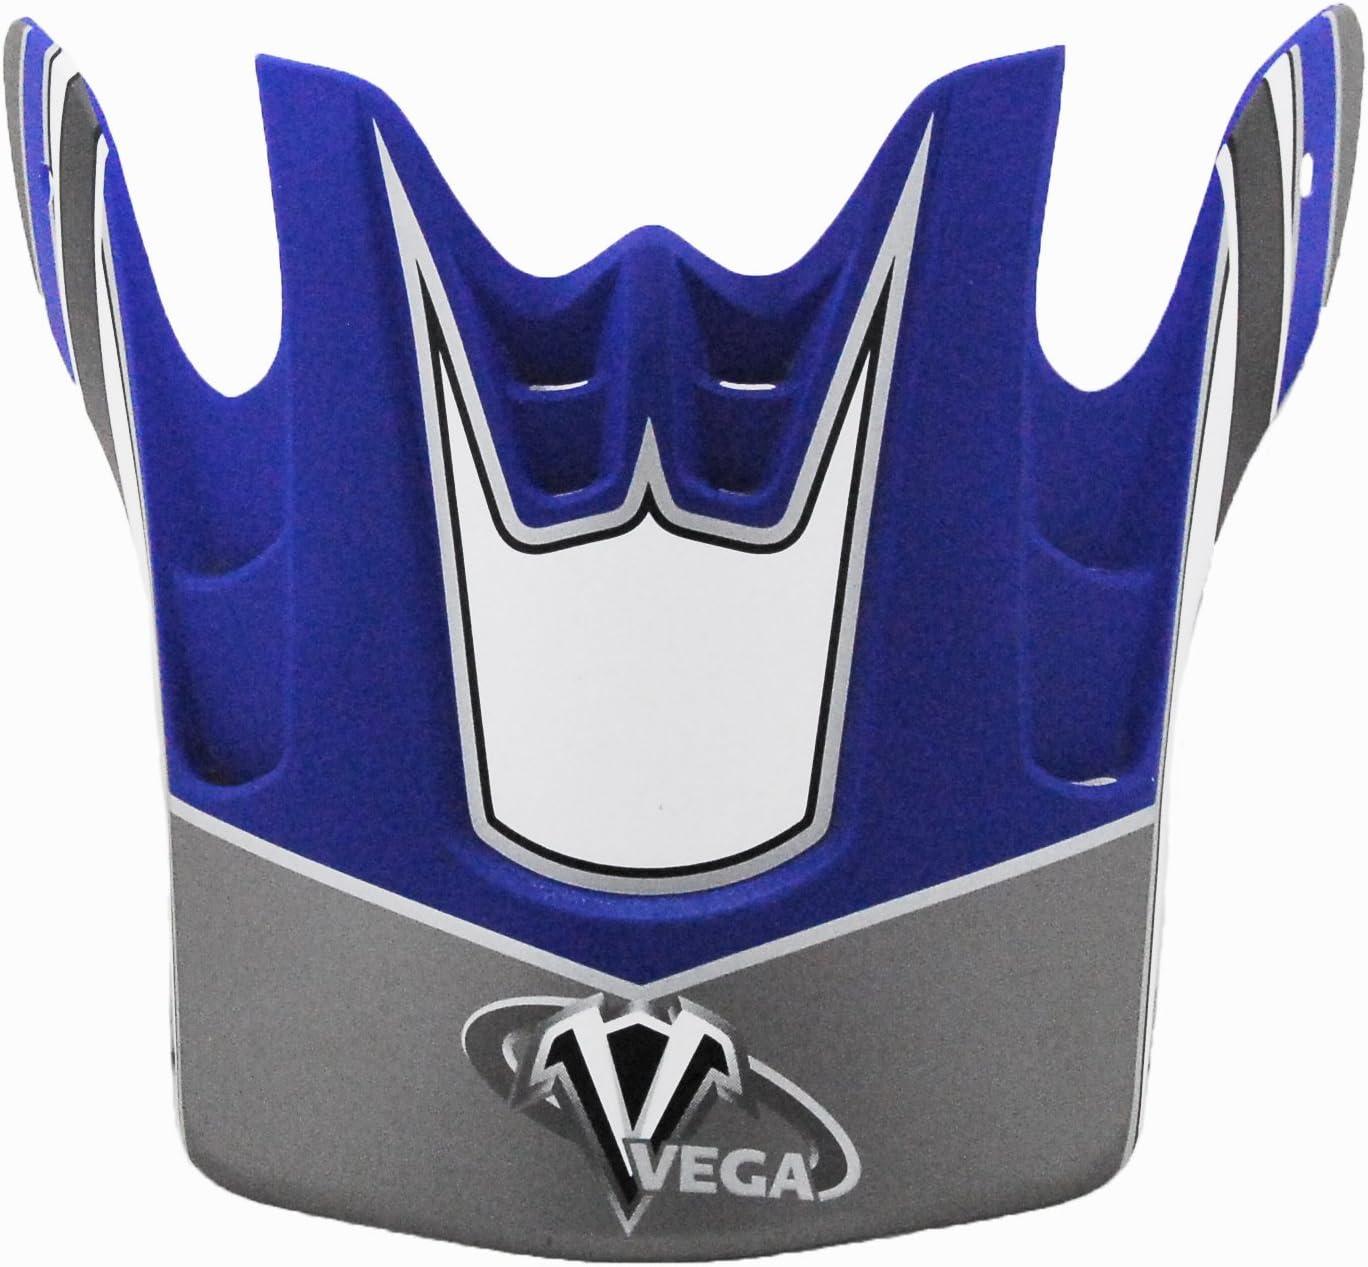 Light Blue Vega Flat Light Blue Graphic Replacement Visor for Mojave Off-Road Helmet